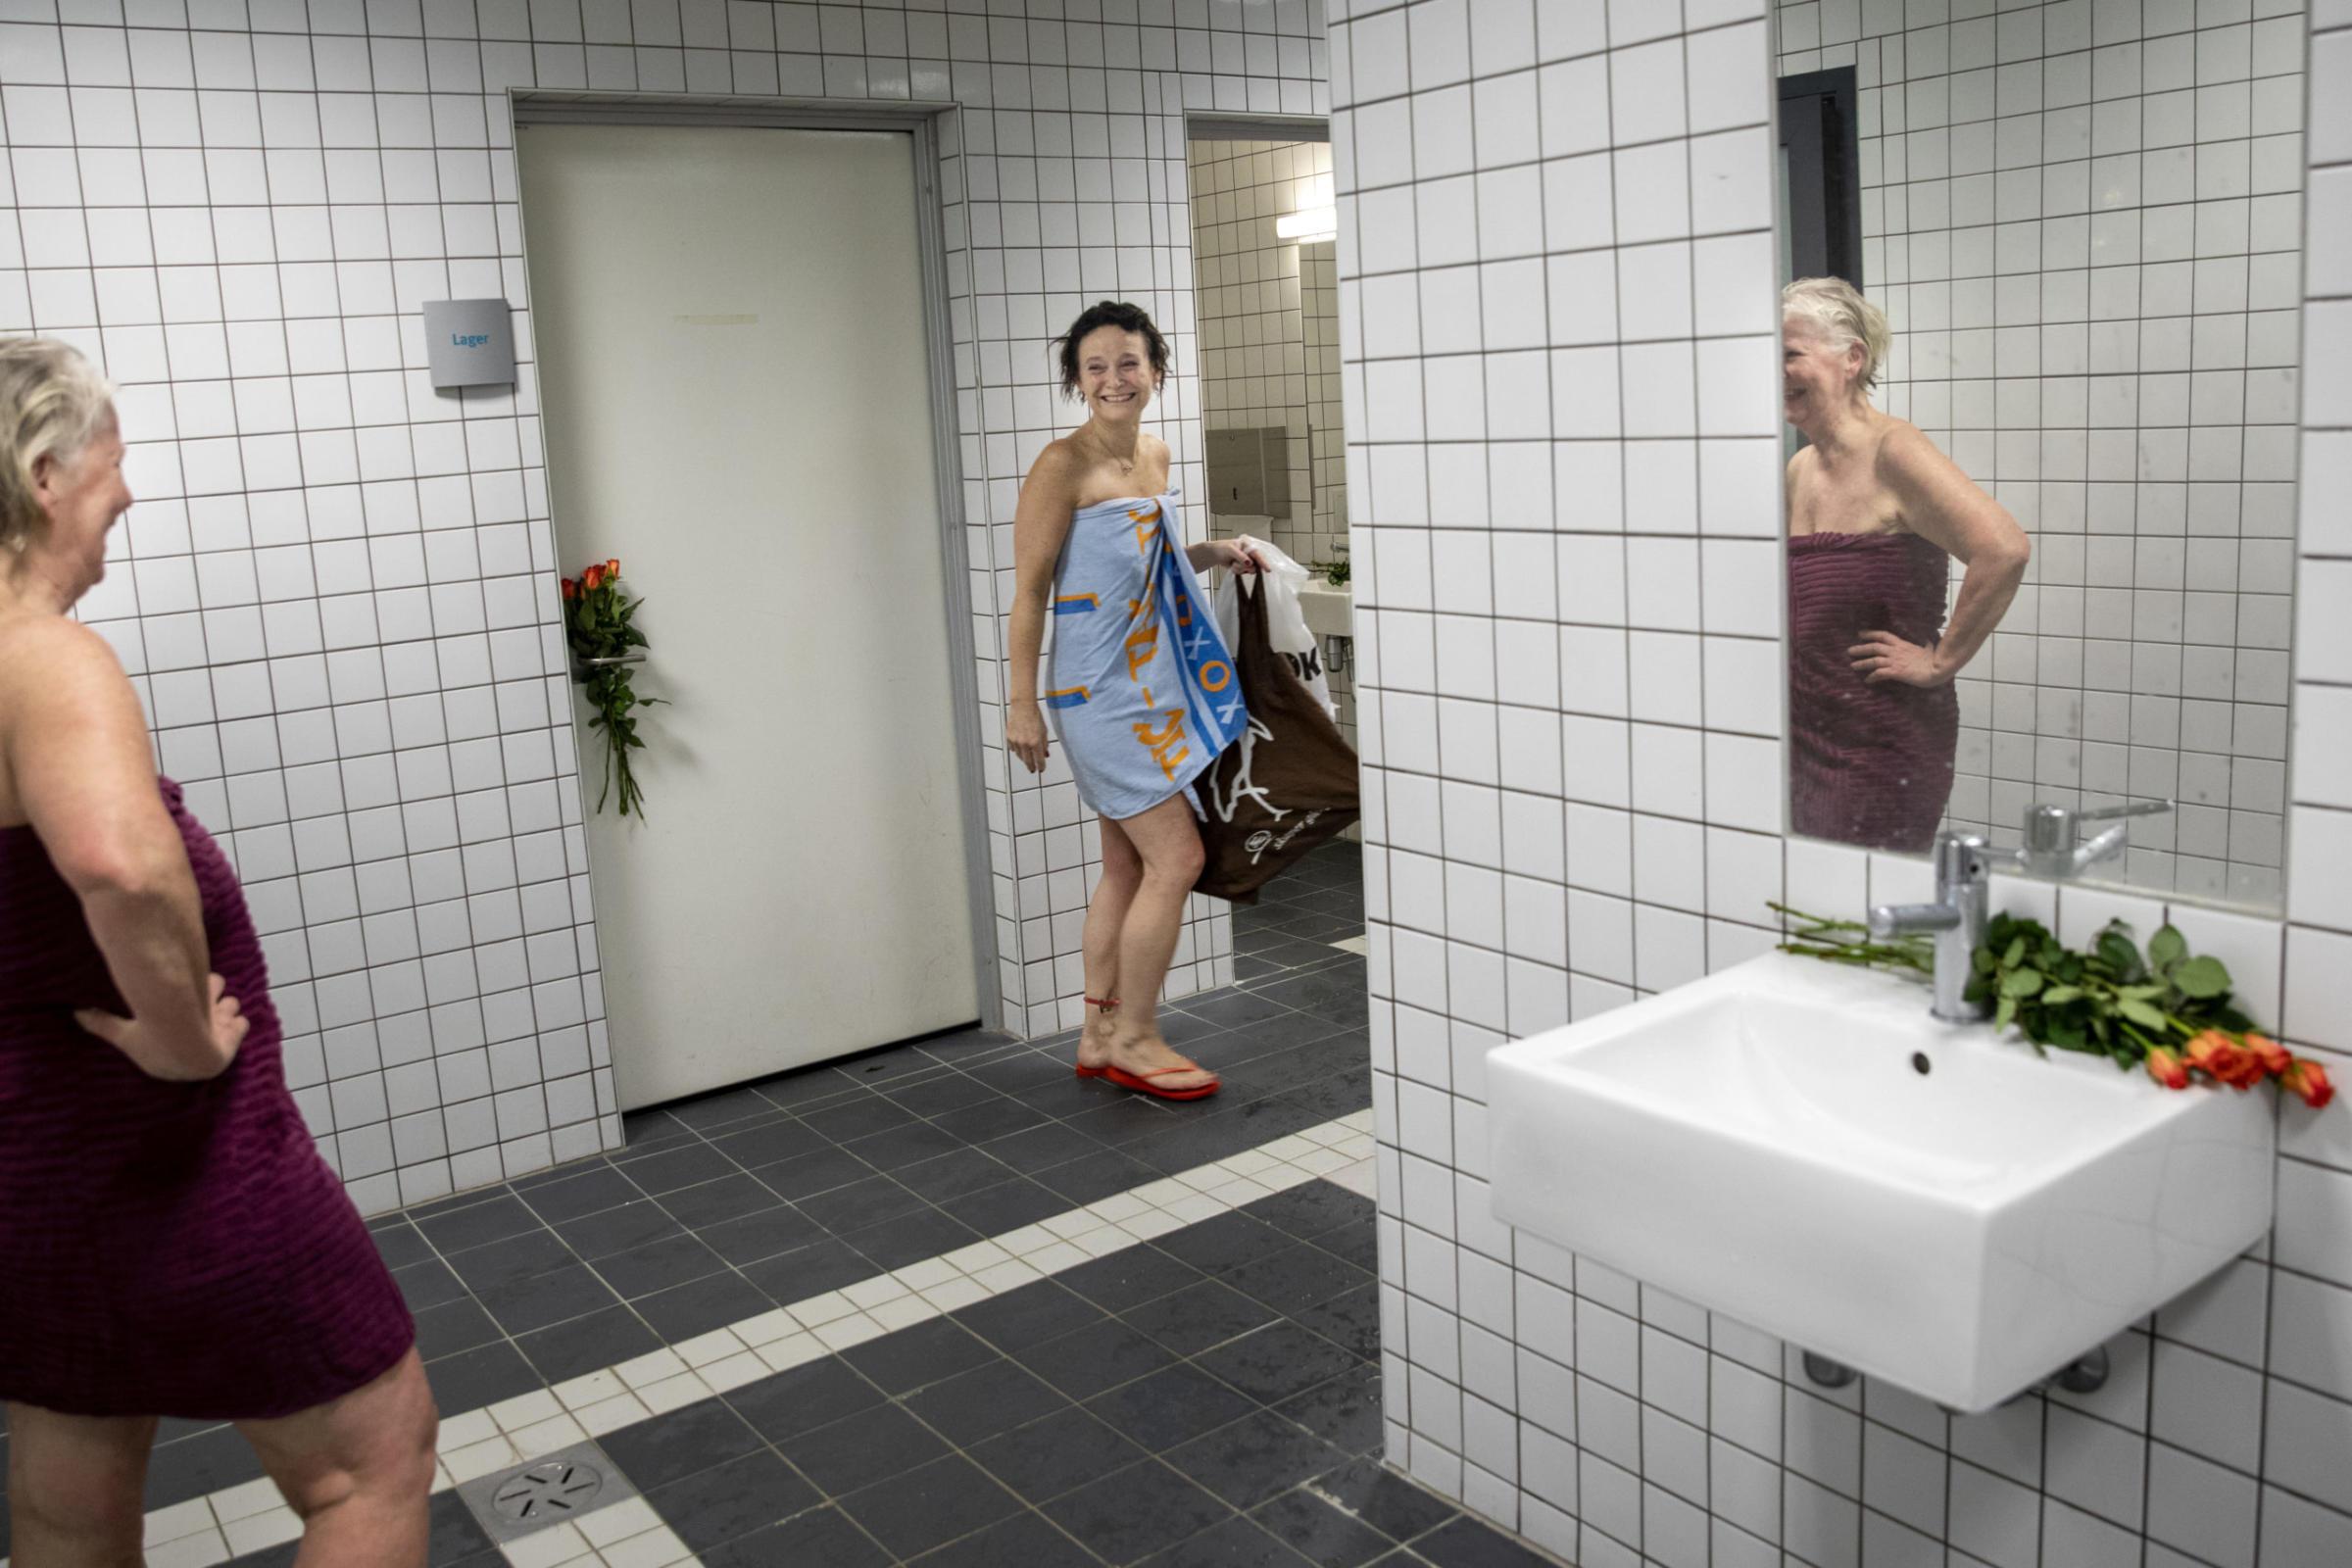 Cathrine Bye har svømt på Tøyenbadet i over 30 år. På badets siste åpningsdag har hun med roser som hun legger rundt omkring i damegarderoben.